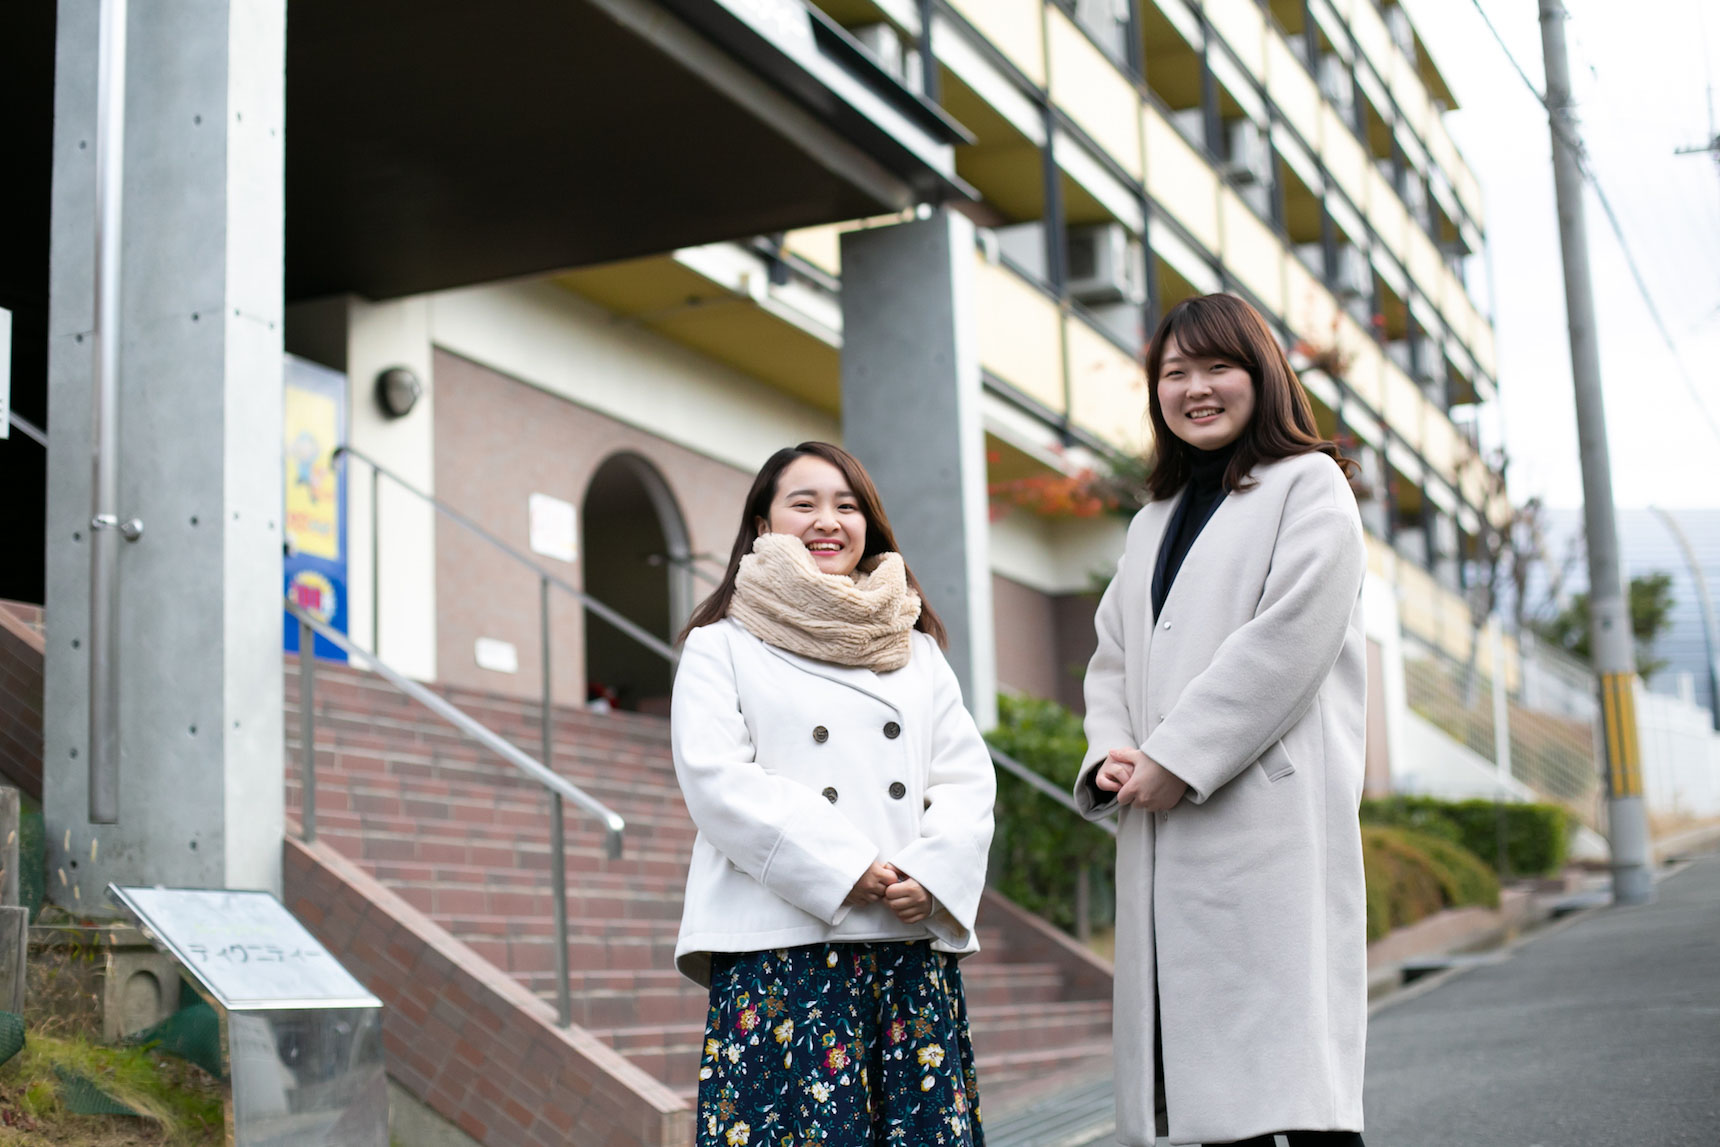 学生に寄り添う住まいのあり方。「カレッジハイツディグニティー」で暮らす関西大学の先輩に、ここに決めた理由を聞きました